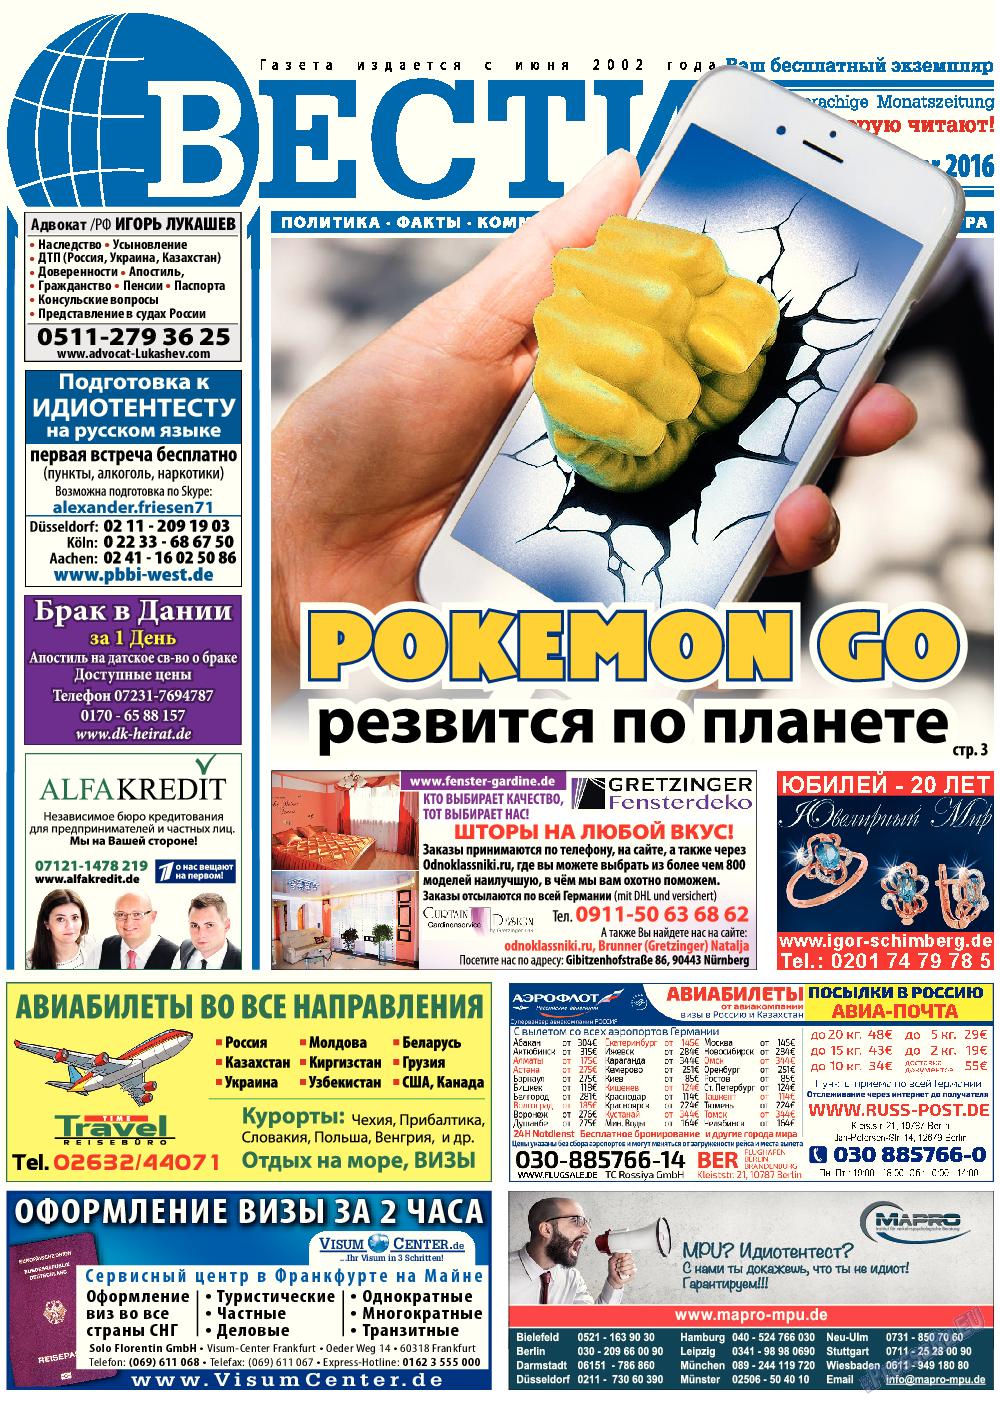 Вести (газета). 2016 год, номер 11, стр. 1